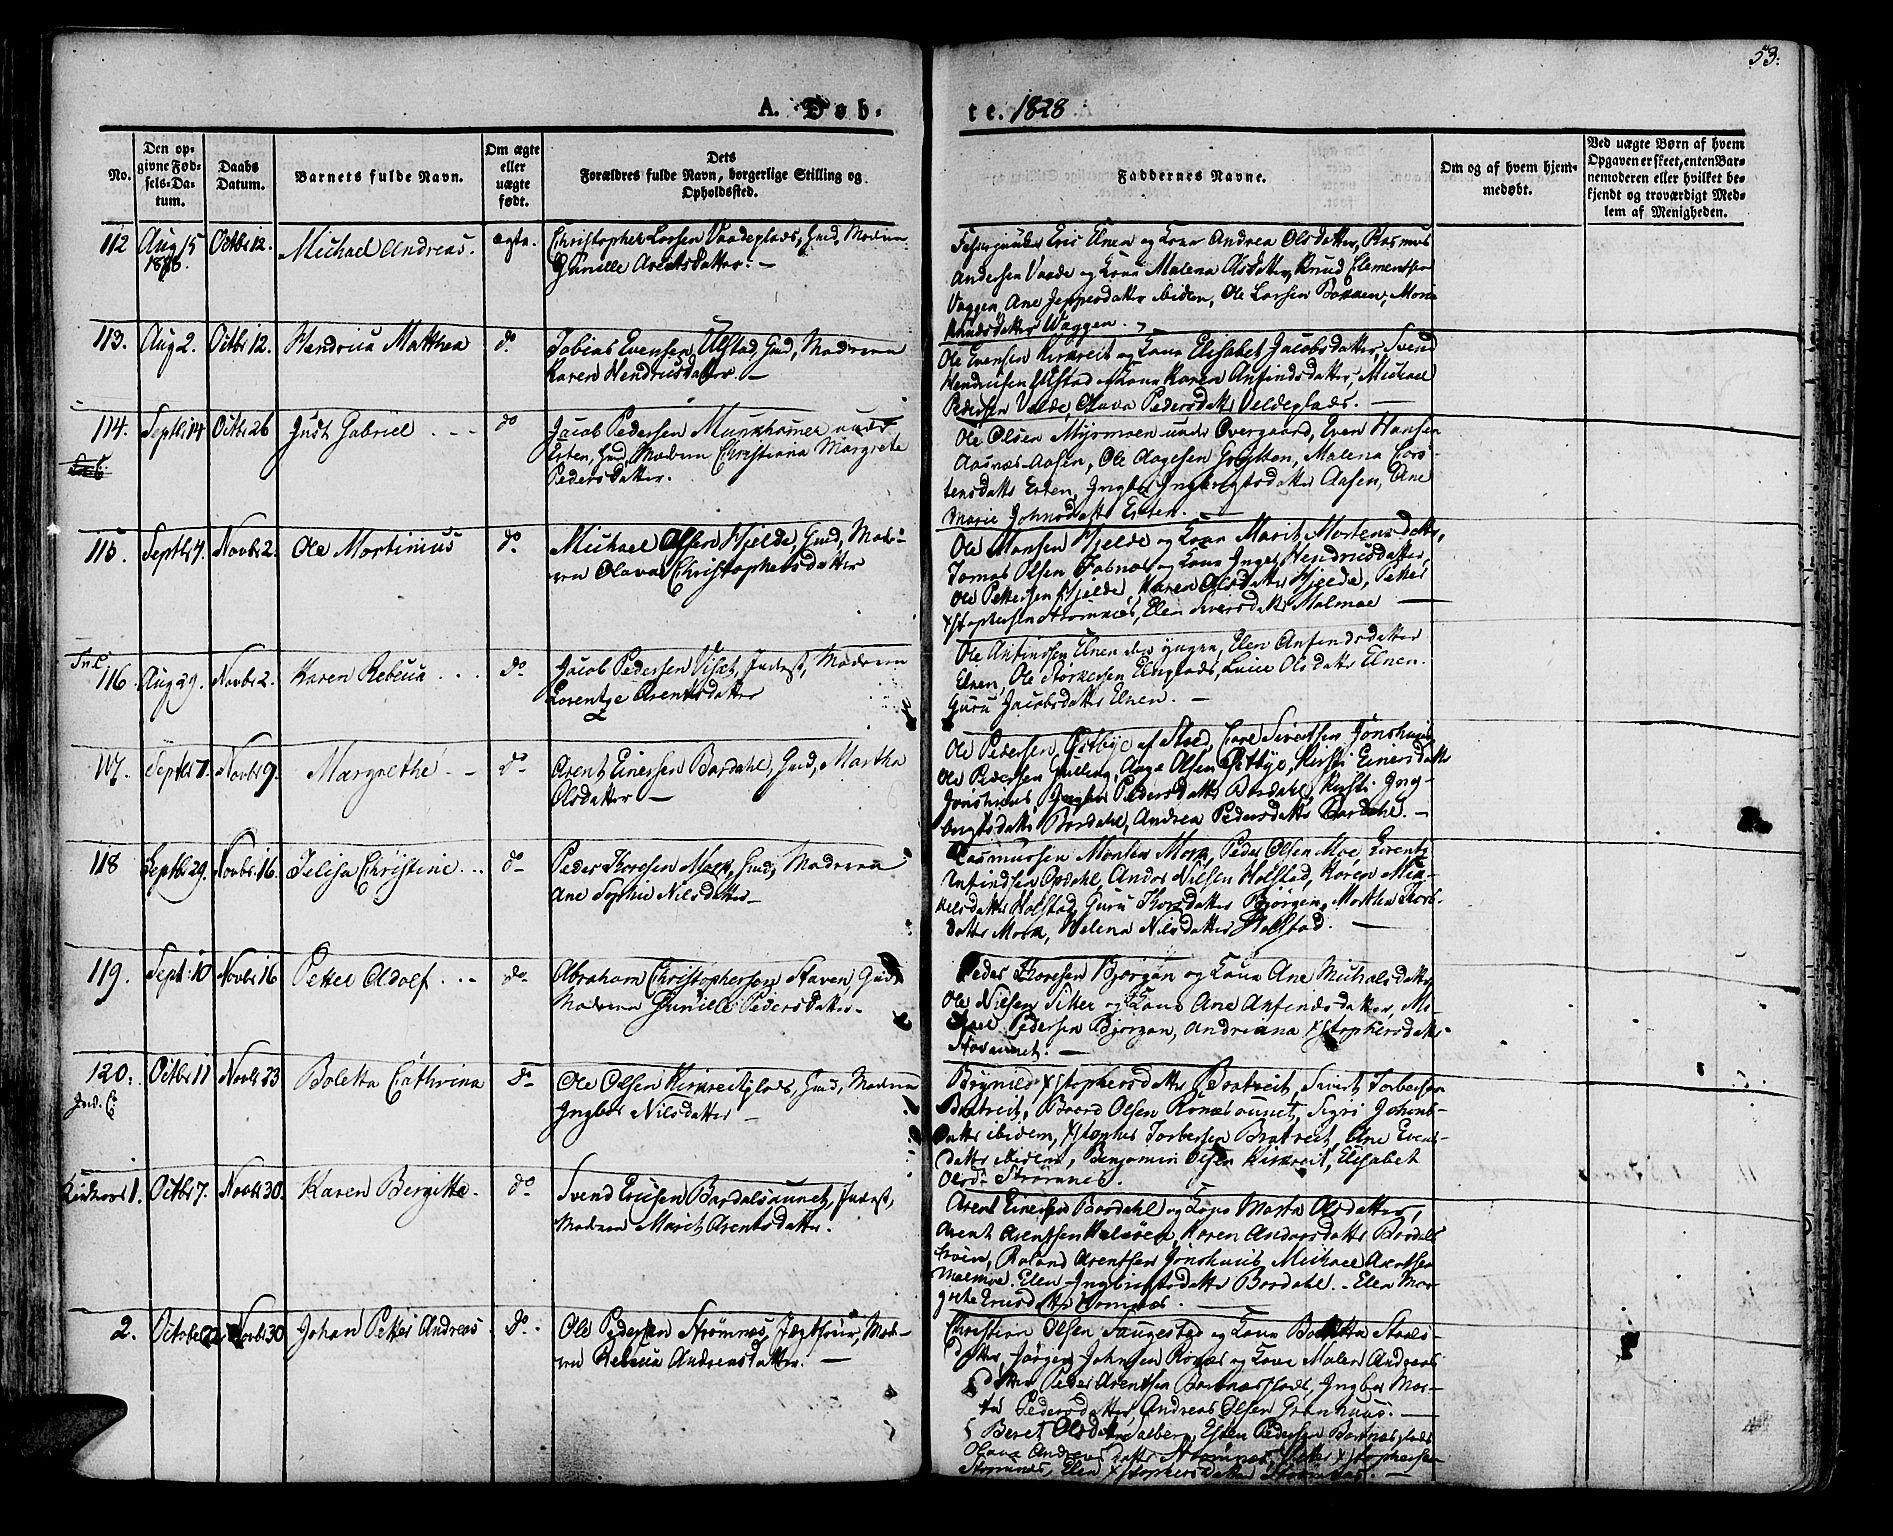 SAT, Ministerialprotokoller, klokkerbøker og fødselsregistre - Nord-Trøndelag, 741/L0390: Ministerialbok nr. 741A04, 1822-1836, s. 53